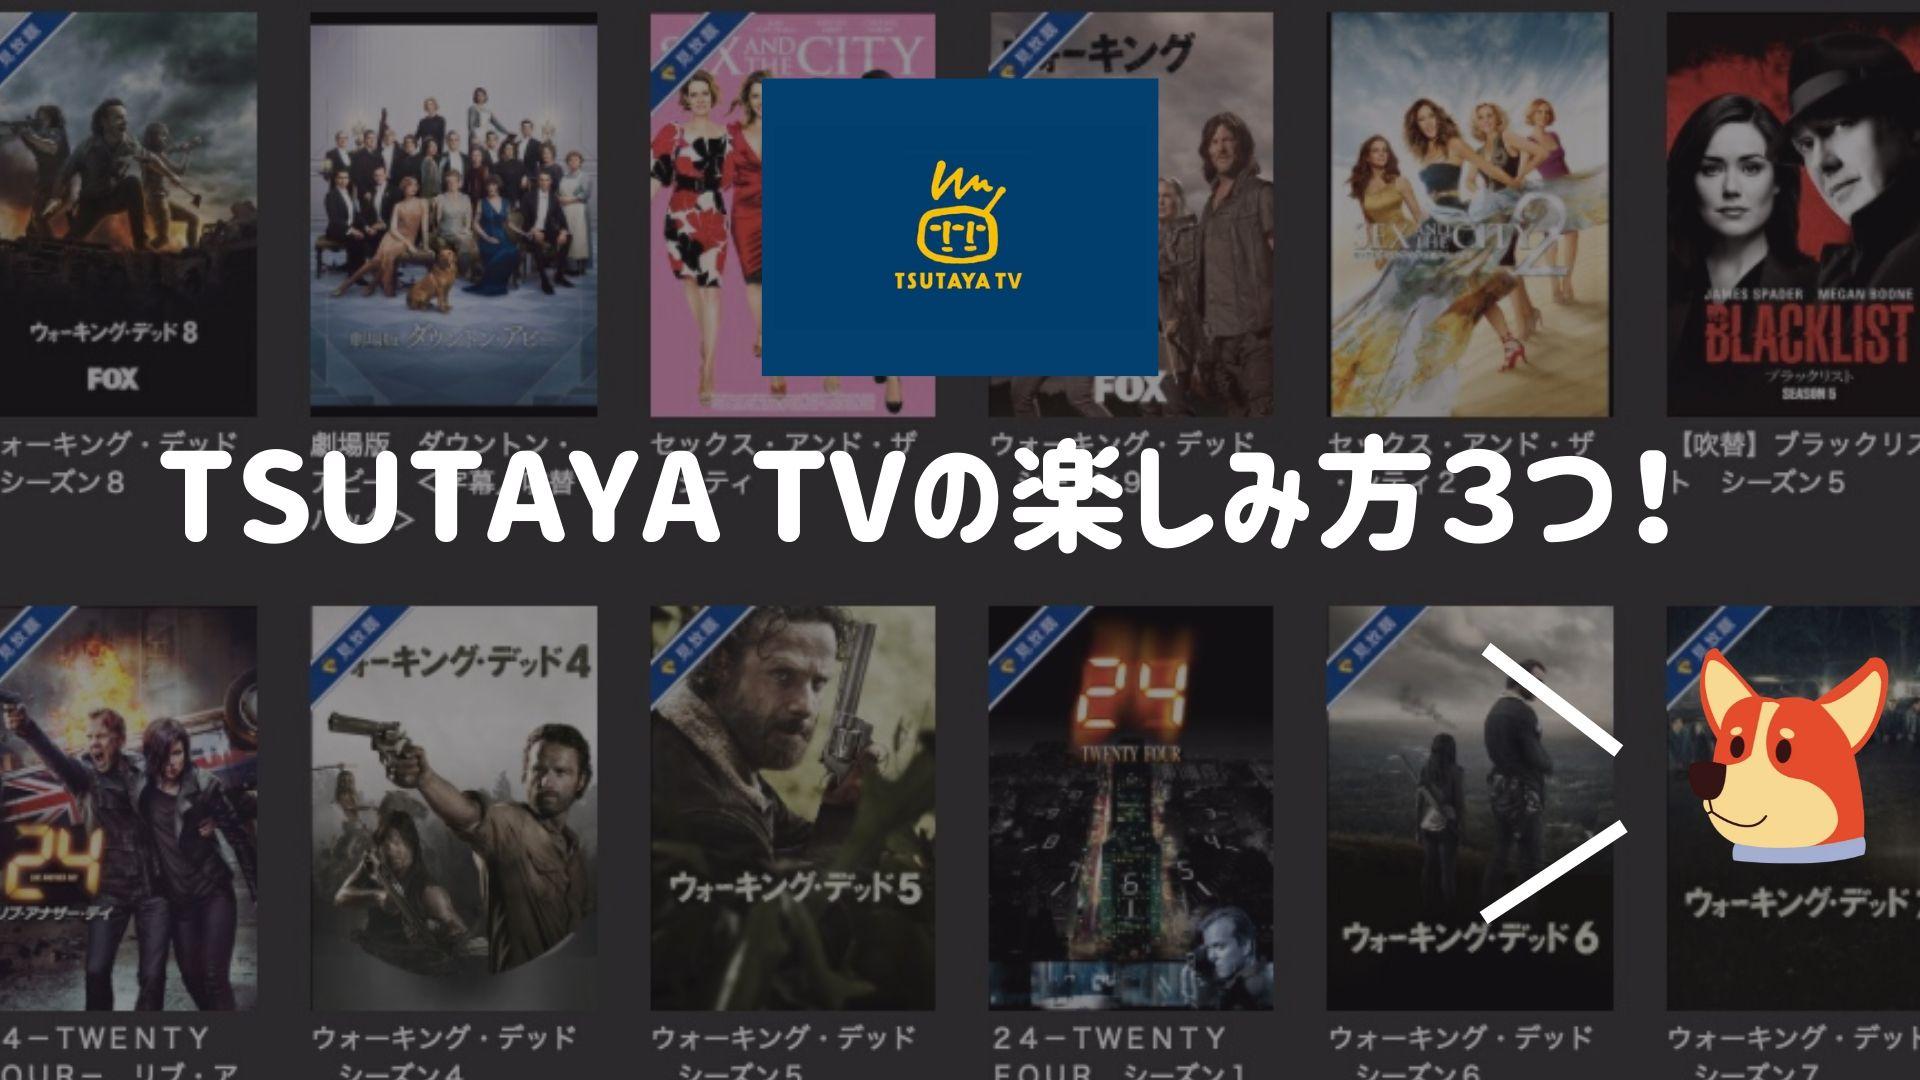 TSUTAYA TVの楽しみかたを解説している